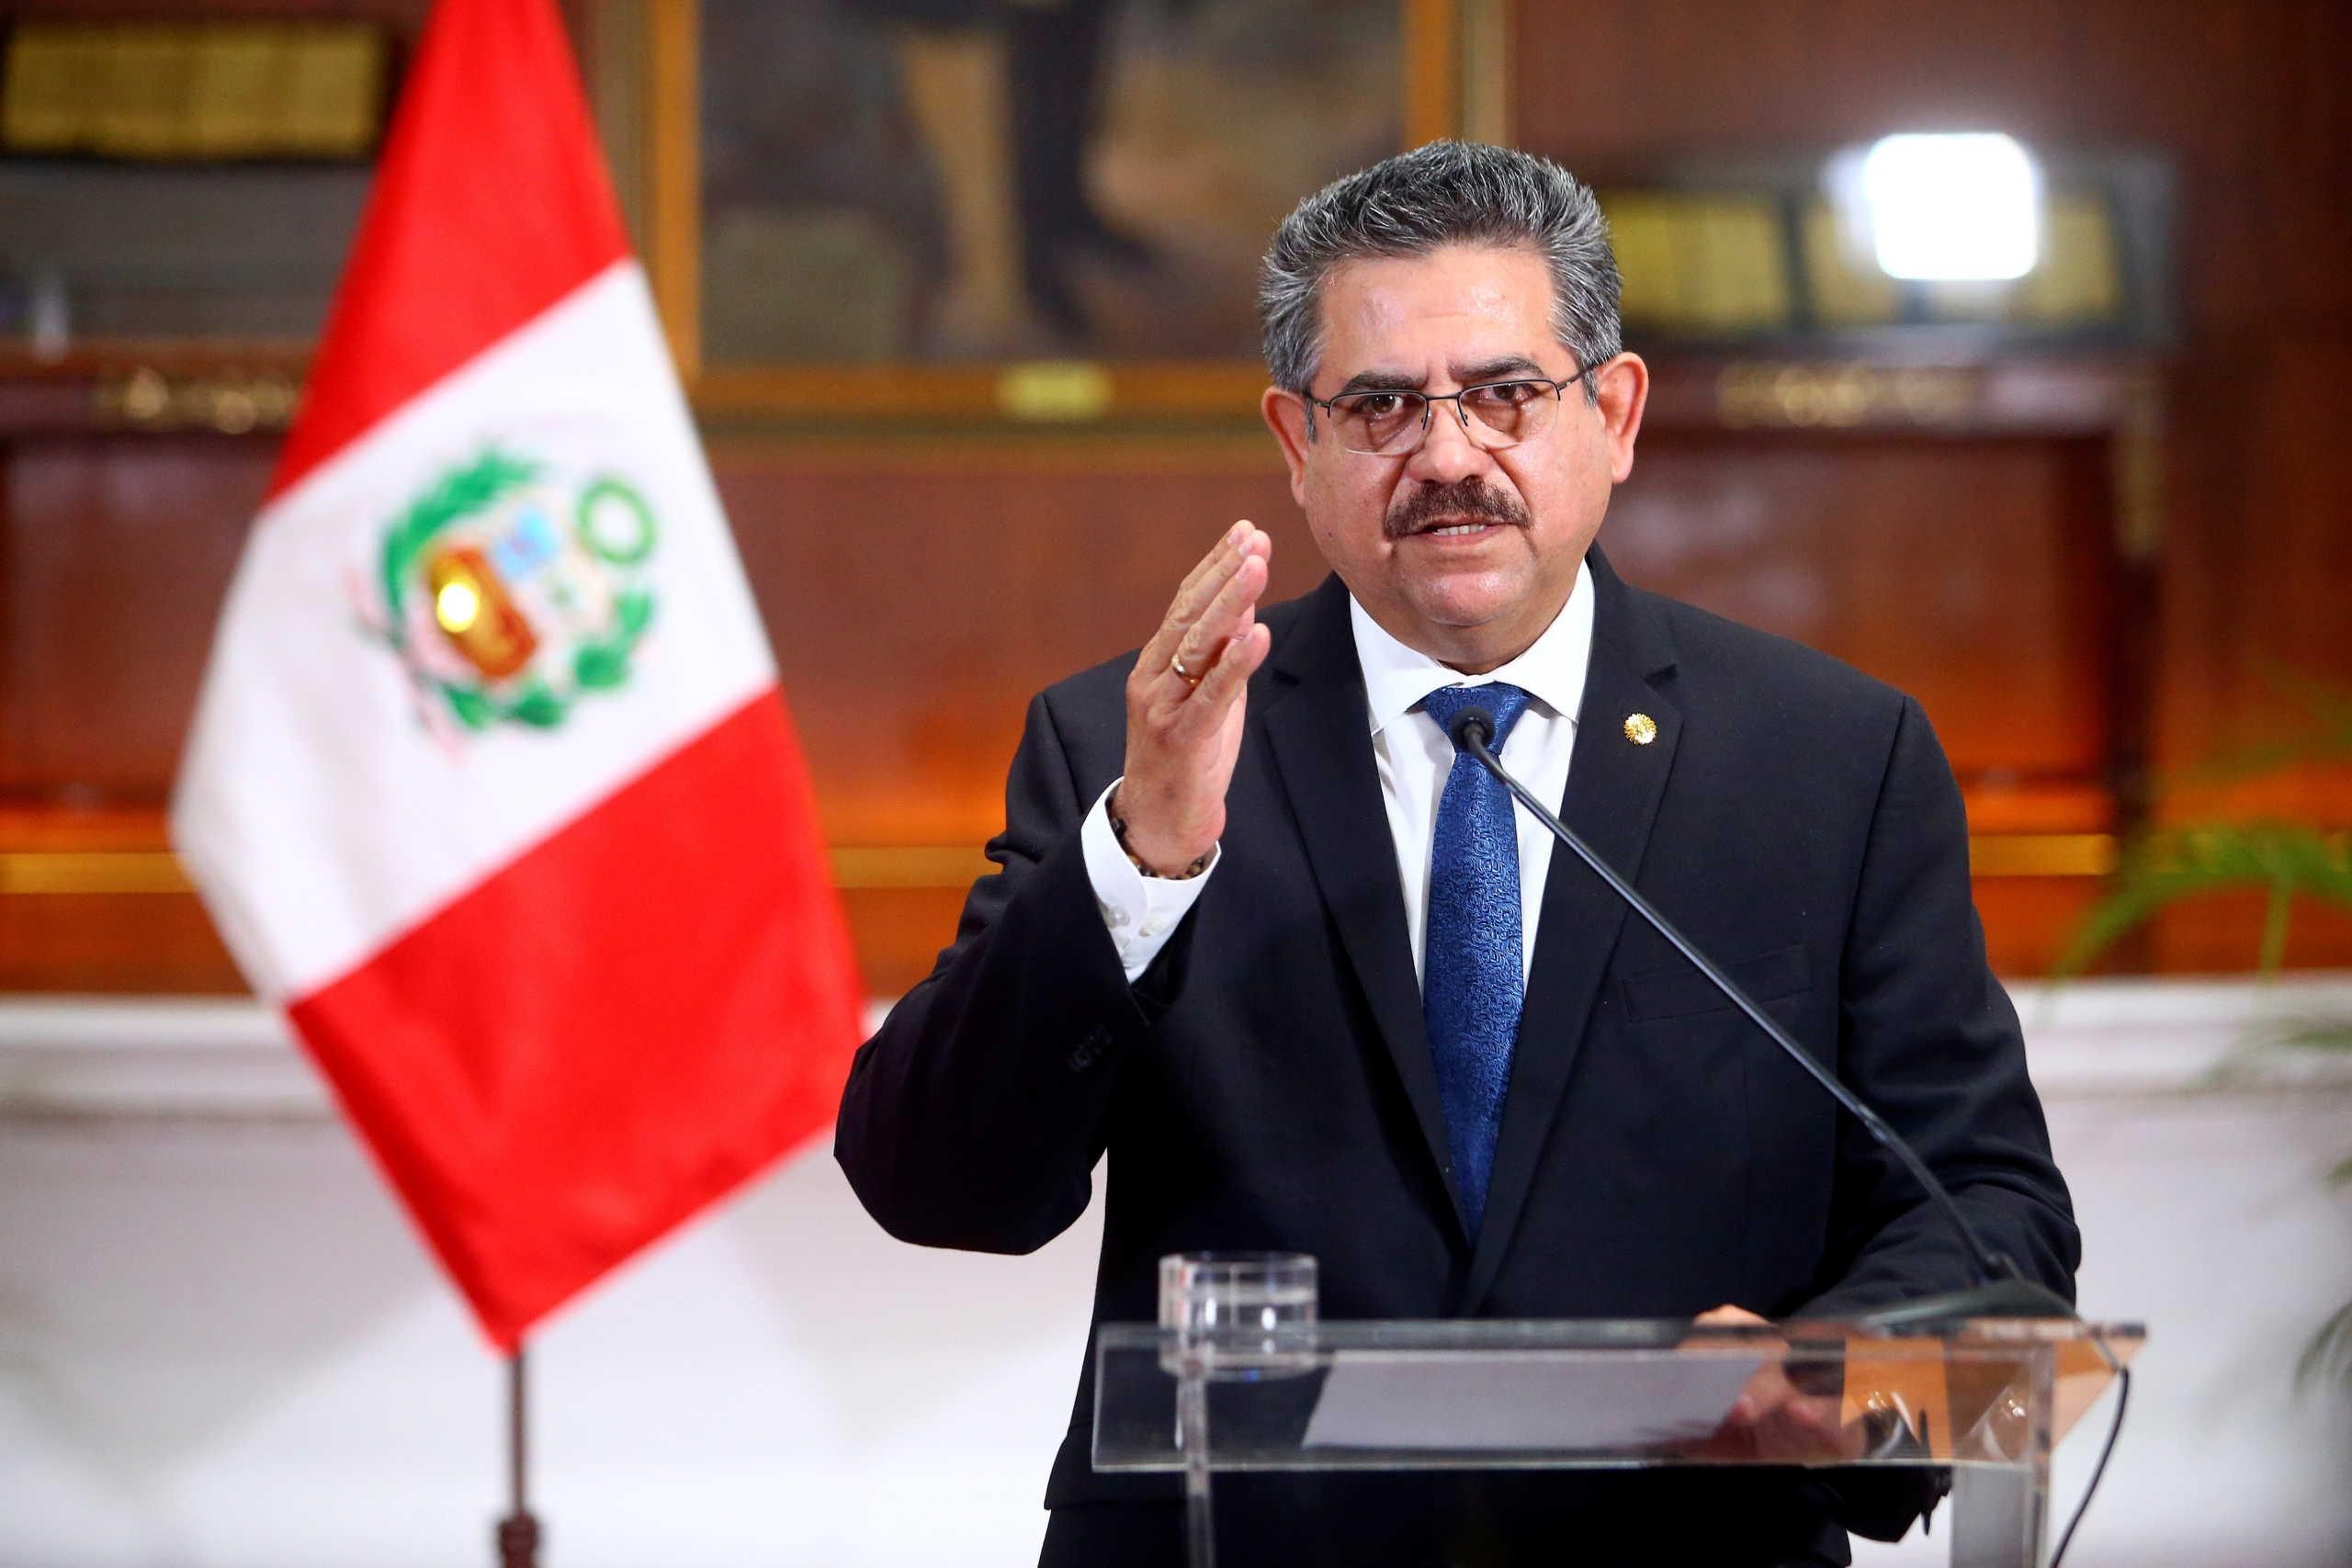 Περού: Παραιτήθηκε ο μεταβατικός πρόεδρος – Νεκροί και τραυματίες στις διαδηλώσεις εναντίον του (pics, vid)